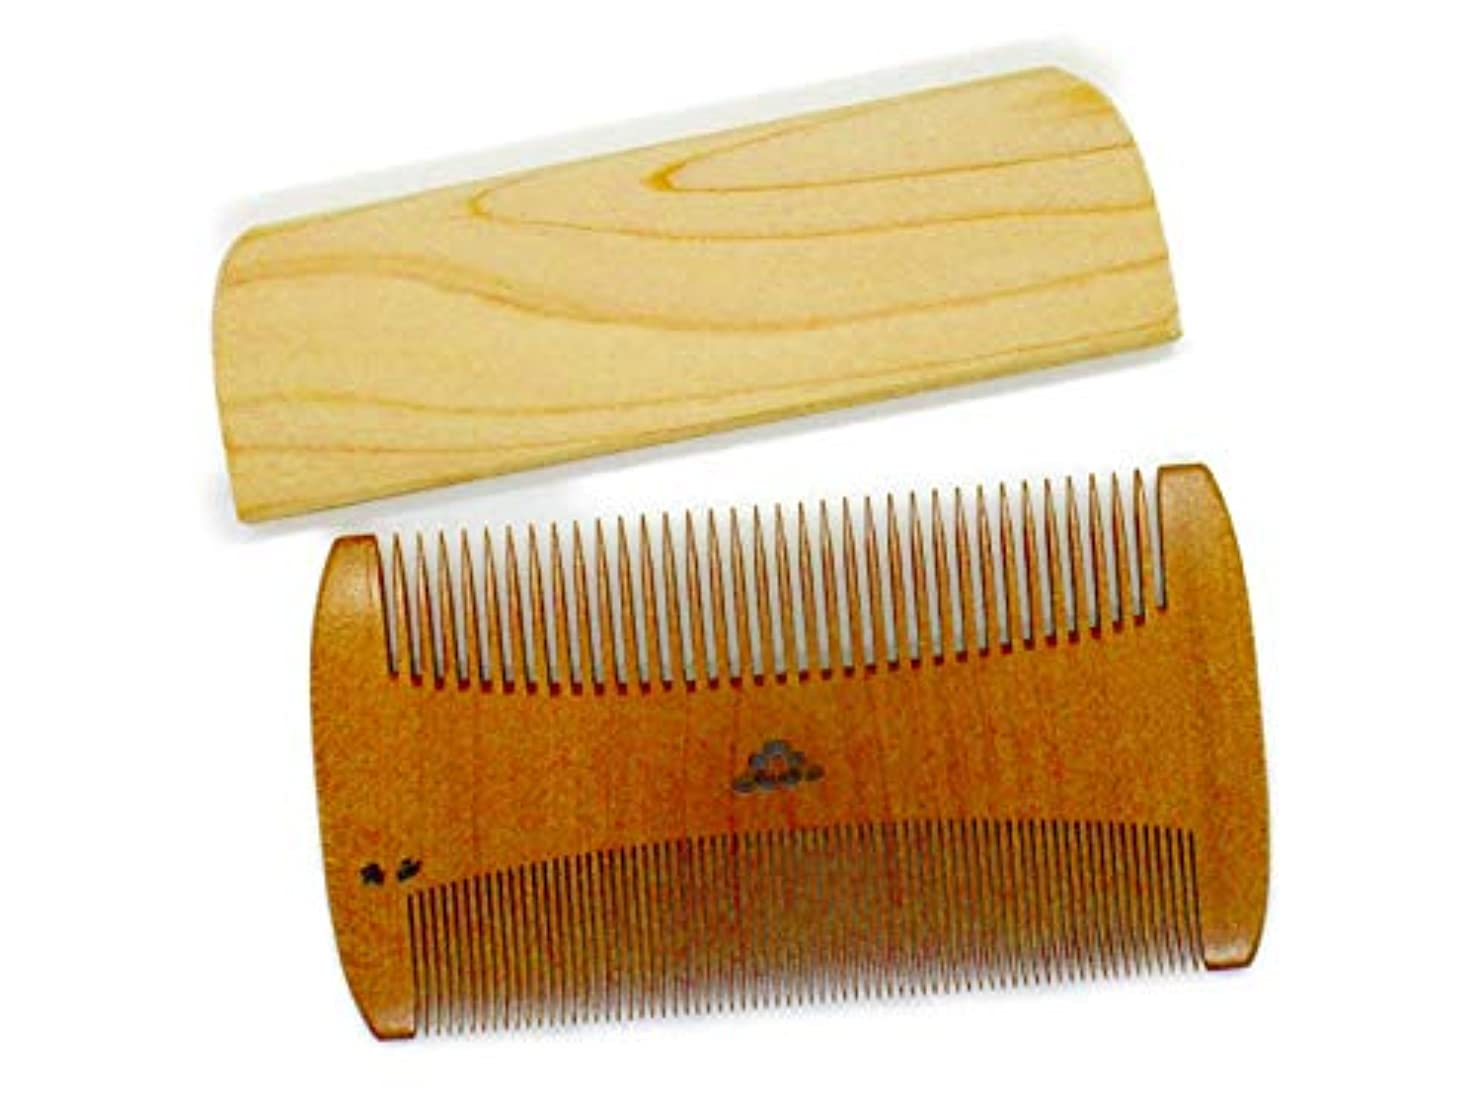 厳ジョージハンブリー蛾椿櫛 すき櫛~つげ櫛職人が作りました~髪に付いたホコリを取る事に特化した櫛です。シラミ駆除対応